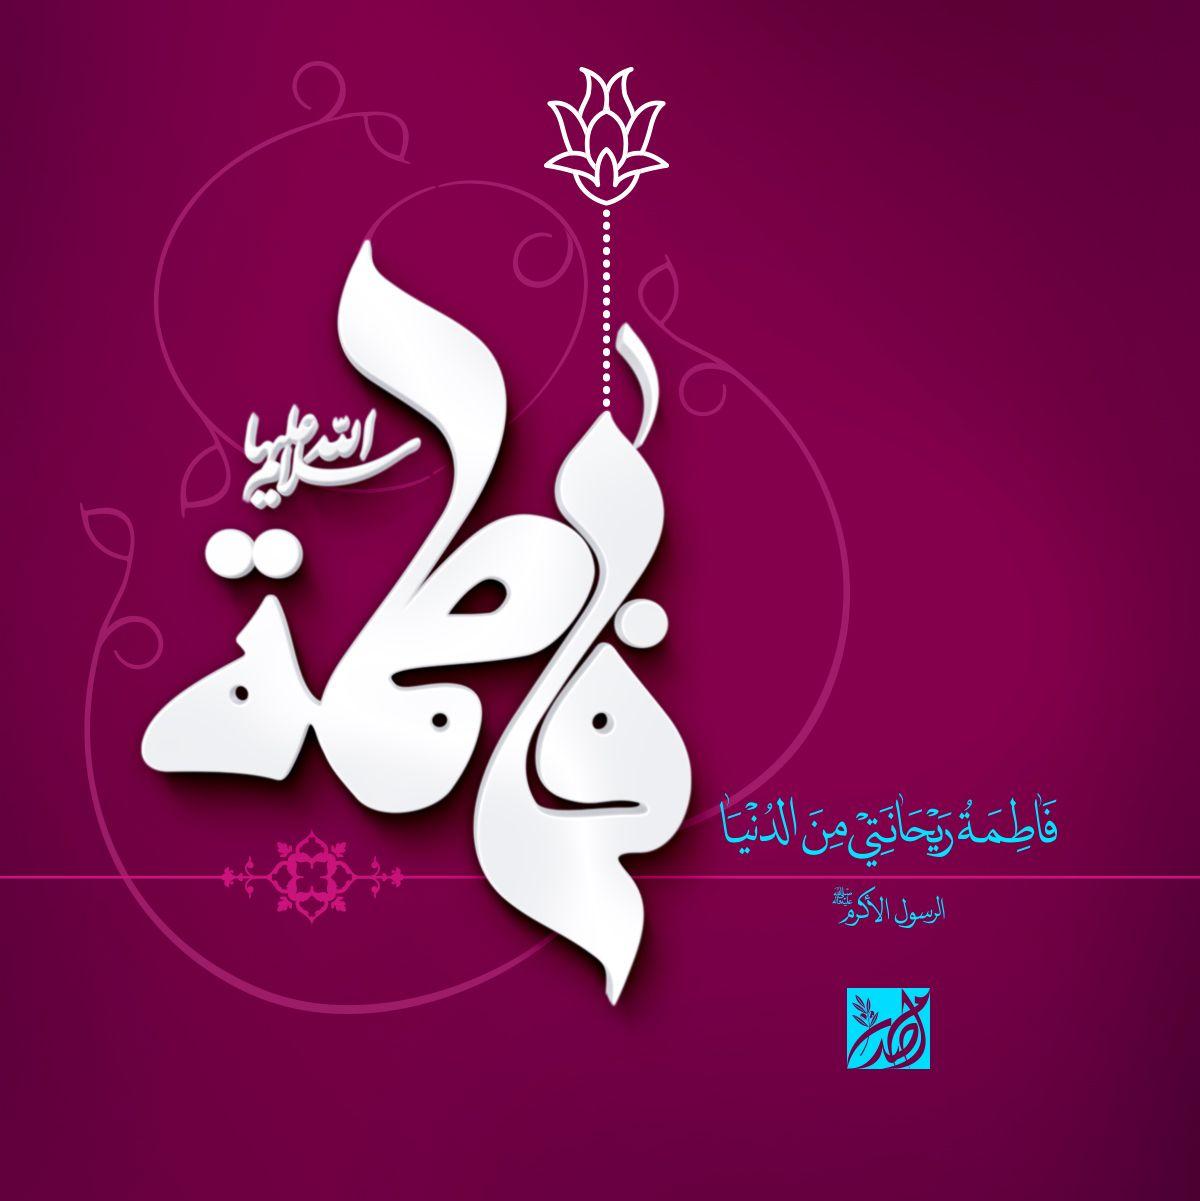 ولادة السيدة فاطمة الزهراء ع Iphone Wallpaper Calligraphy Art Imam Hussain Wallpapers